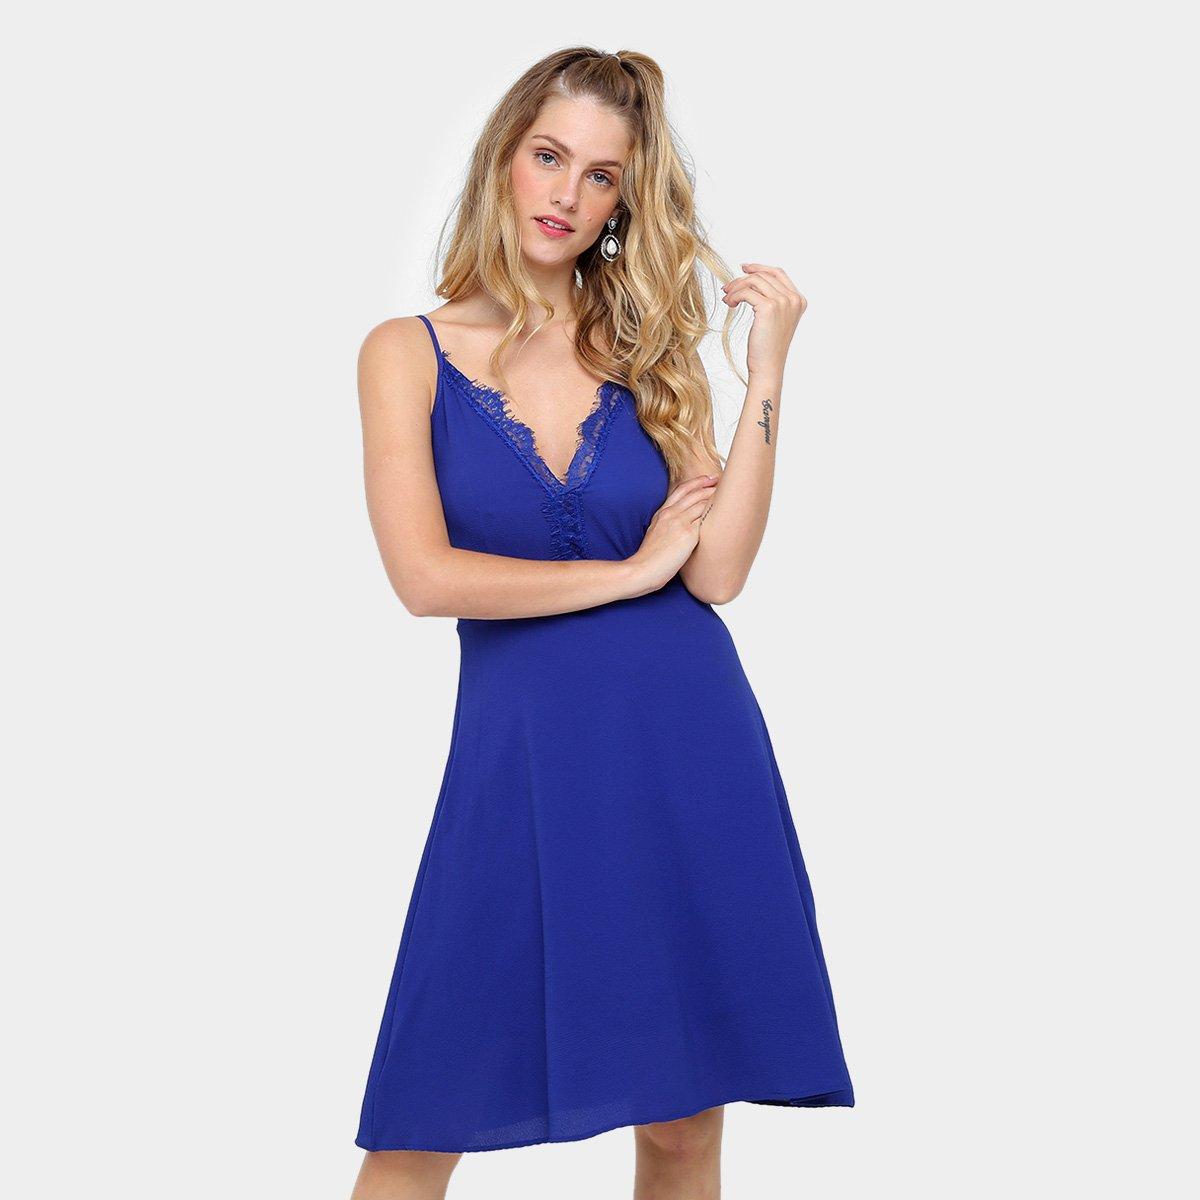 Vestido azul marinho curto com renda